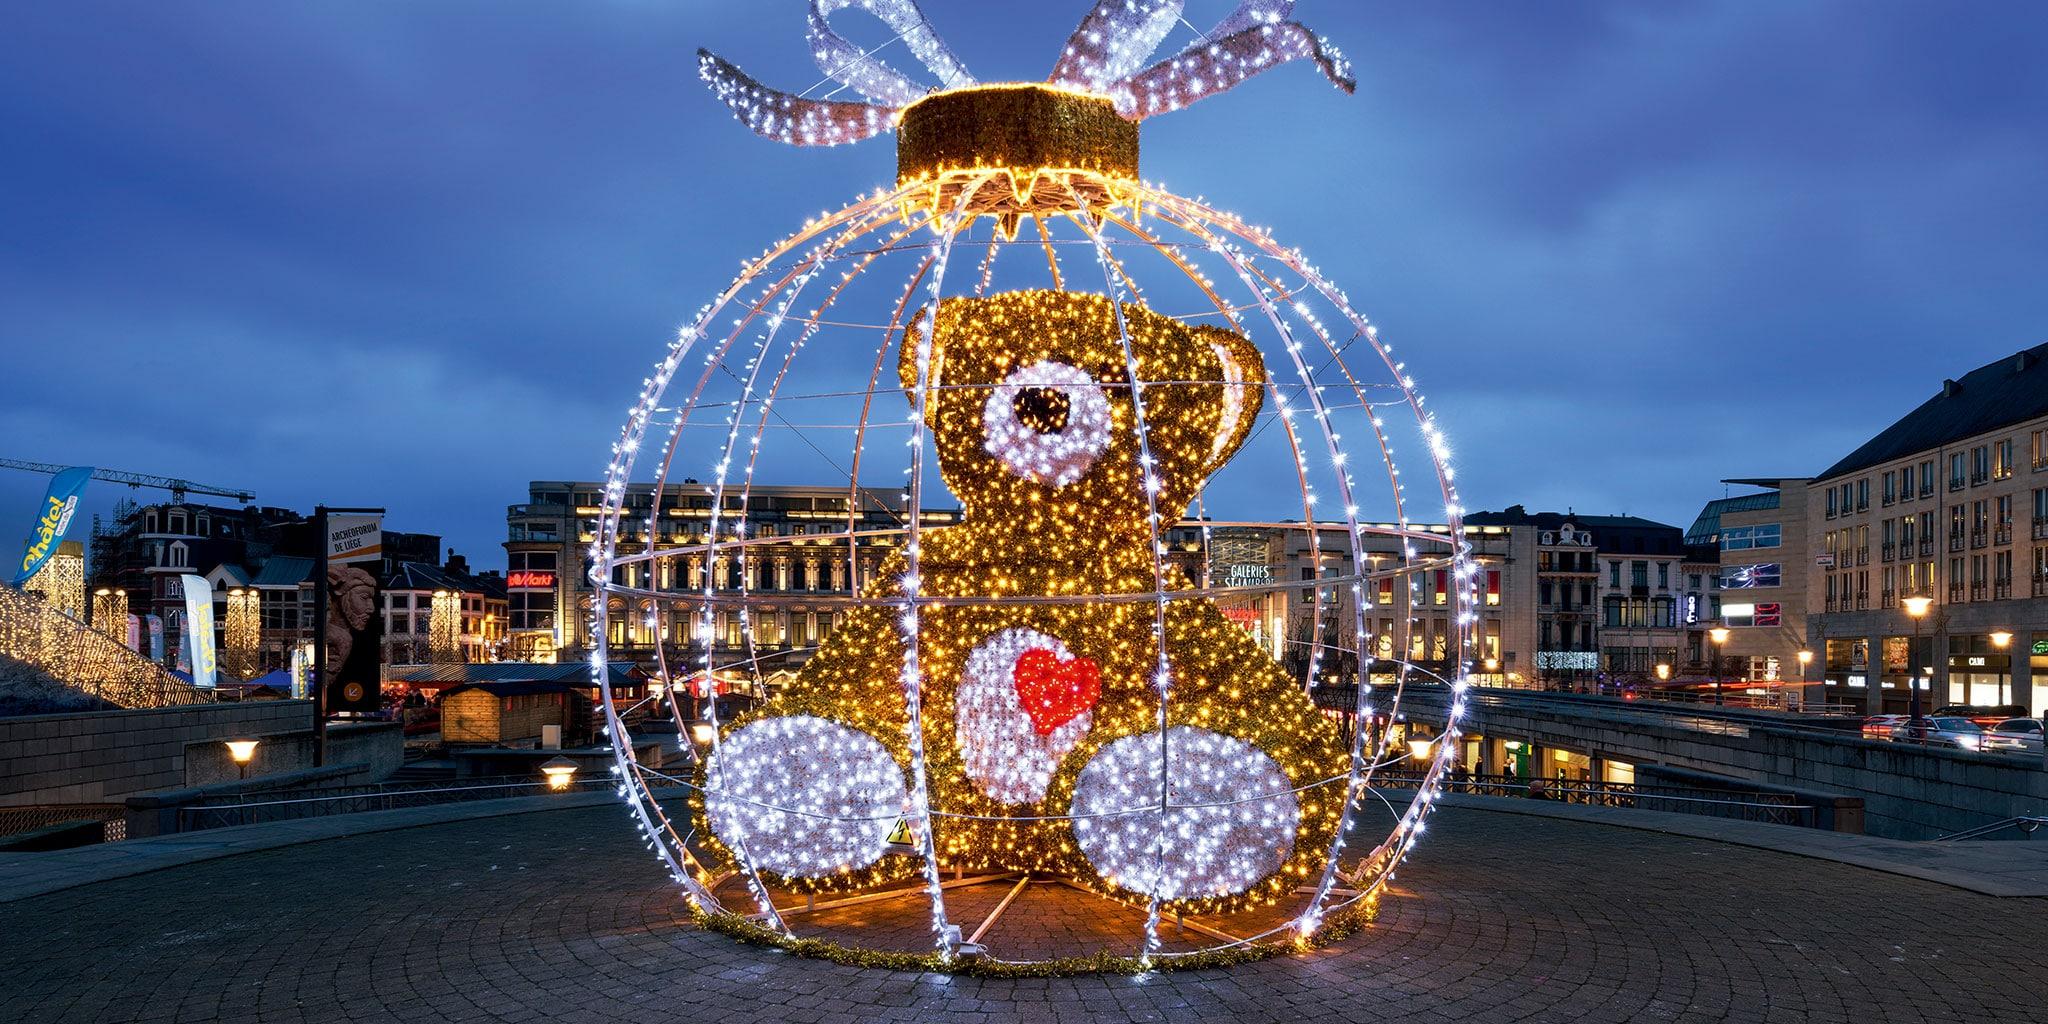 Grote beer in kerstverlichting met een grote kerstbal errond ook in kerstverlichting